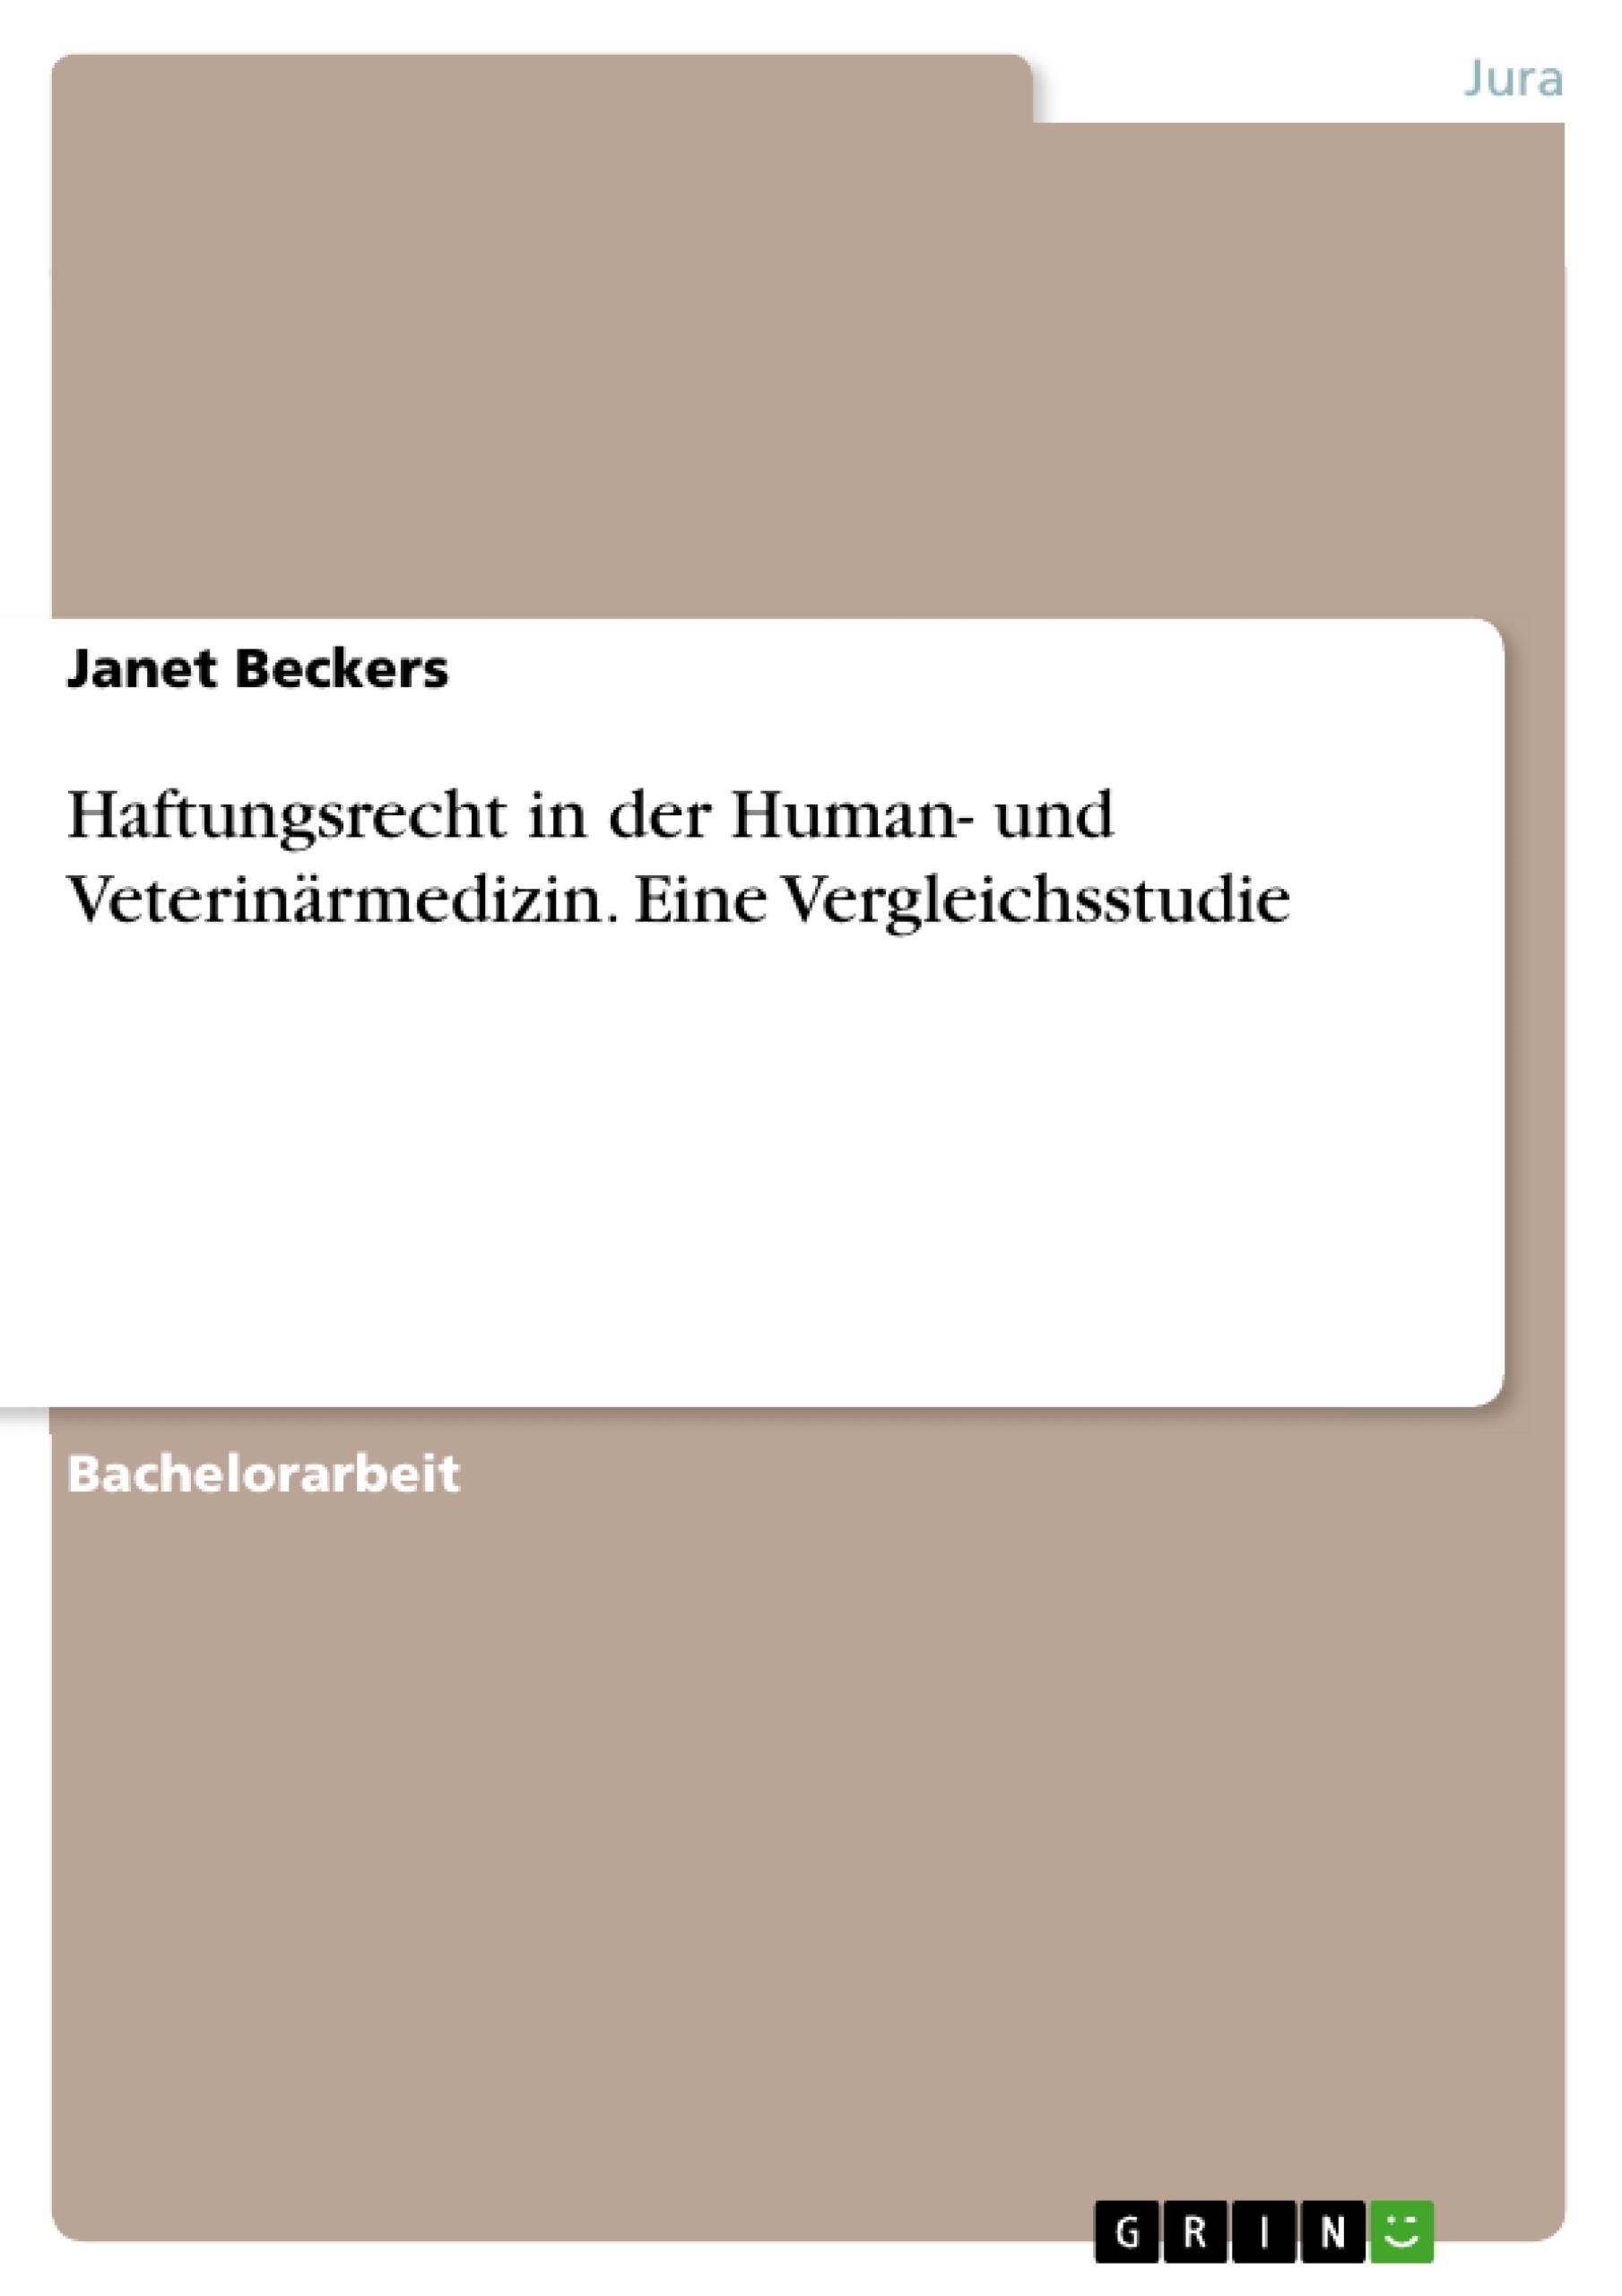 Titel: Haftungsrecht in der Human- und Veterinärmedizin. Eine Vergleichsstudie